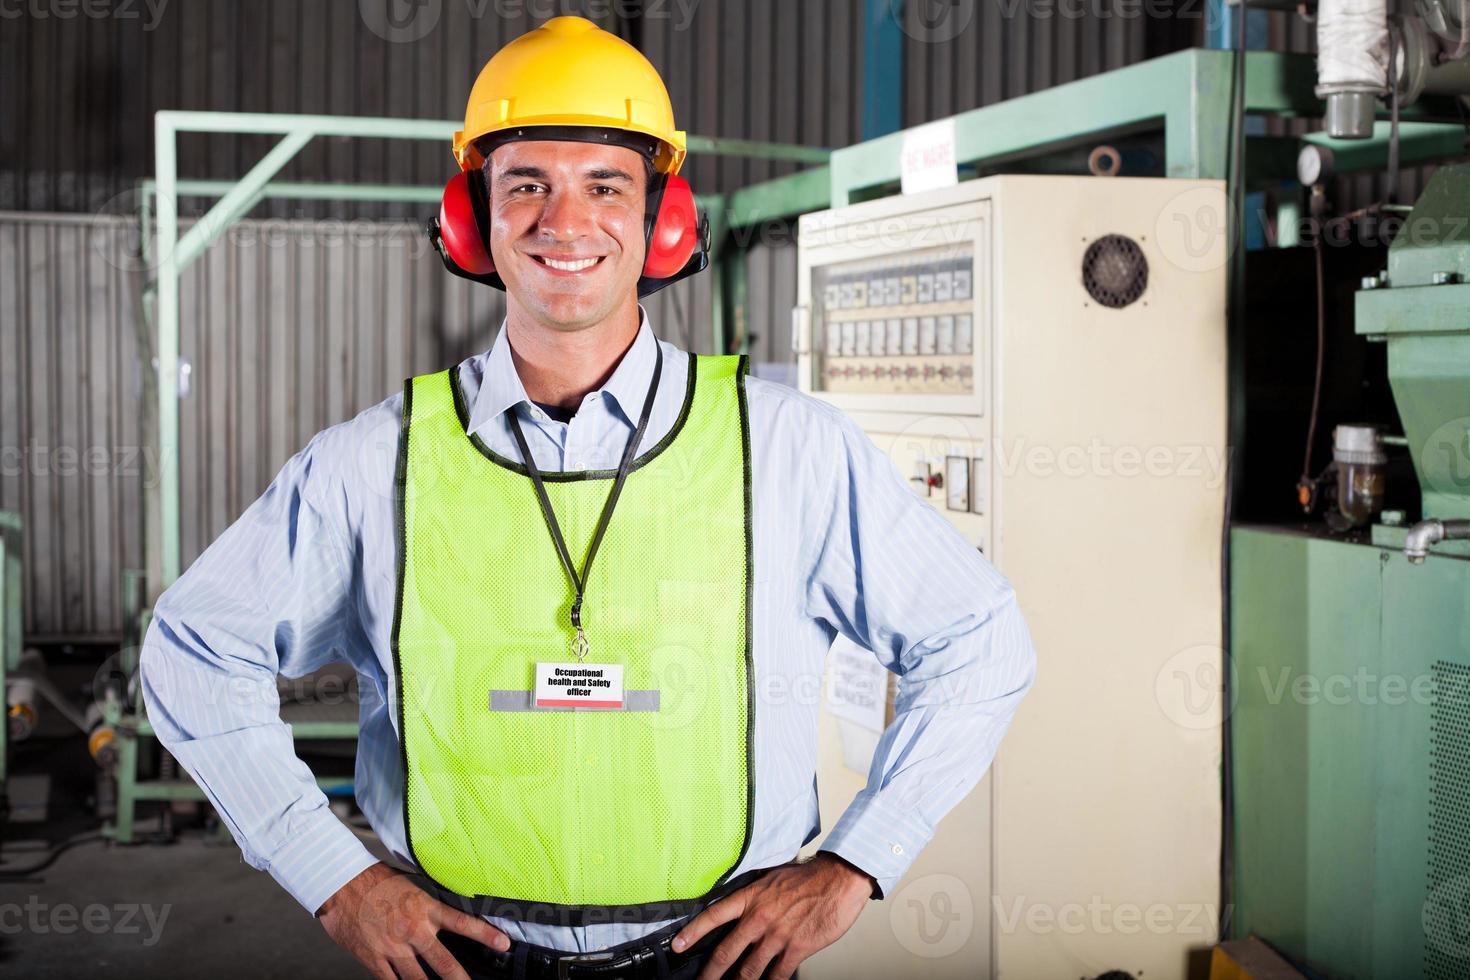 oficial de salud y seguridad industrial foto